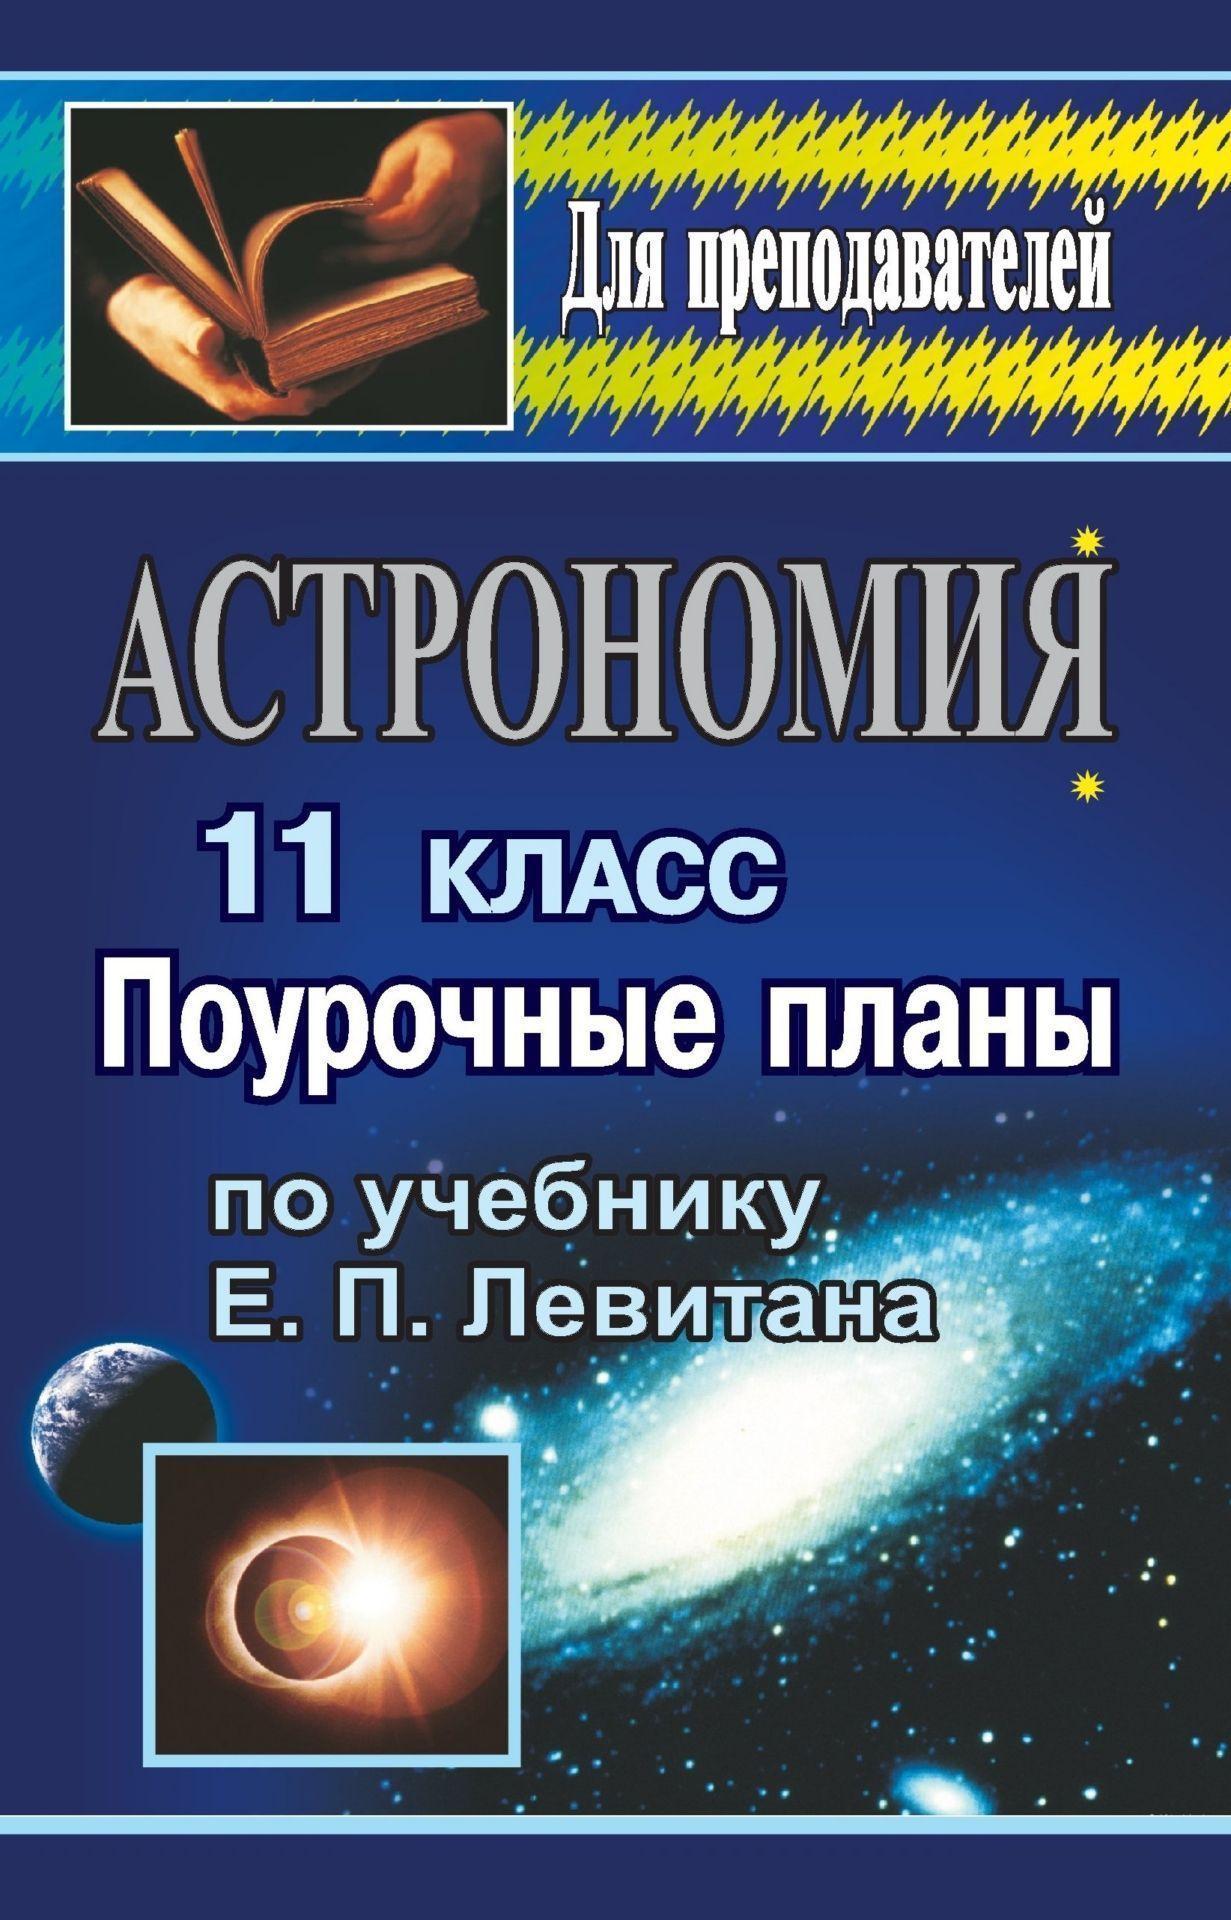 Астрономия. 11 кл.: поурочные планы по уч. Е. П. ЛевитанаПредметы<br>В пособии предлагаются поурочные разработки по астрономии в 11 классе, ориентированные для работы по учебнику Е. П. Левитана.Особенностью представленного материала является широкое использование учебной и научно-познавательной литературы на этапах изучени...<br><br>Авторы: Оськина В. Т.<br>Год: 2006<br>Серия: Для преподавателей<br>ISBN: 5-7057-1022-4<br>Высота: 213<br>Ширина: 138<br>Толщина: 7